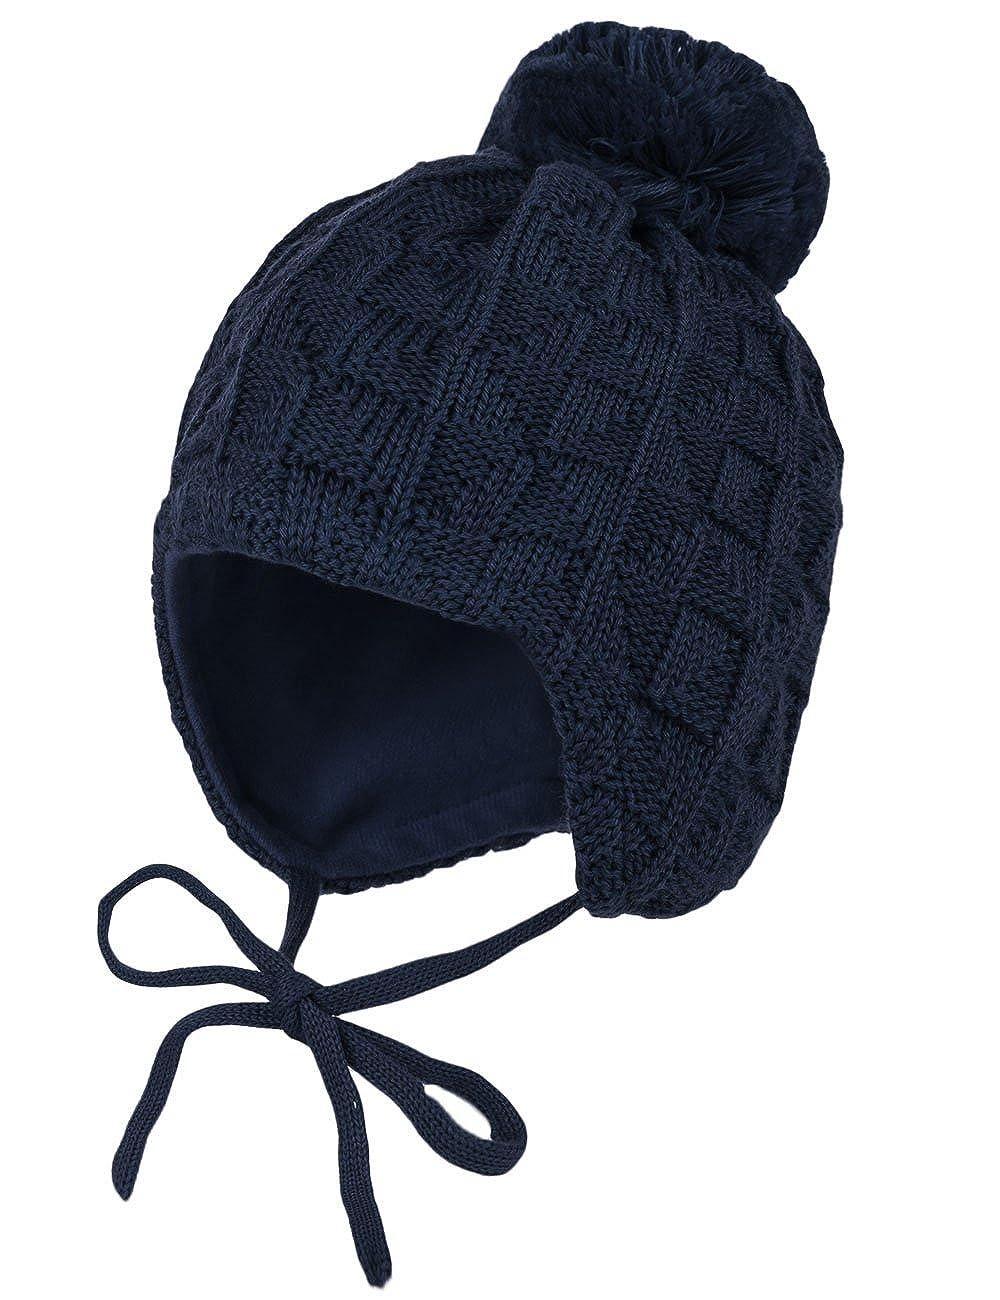 maximo Unisex Baby Mütze, Pompon, Bindeband, Einfarbig maximo Jungen Mütze Blau (Dunkelmarine 11) 53 65575-238200